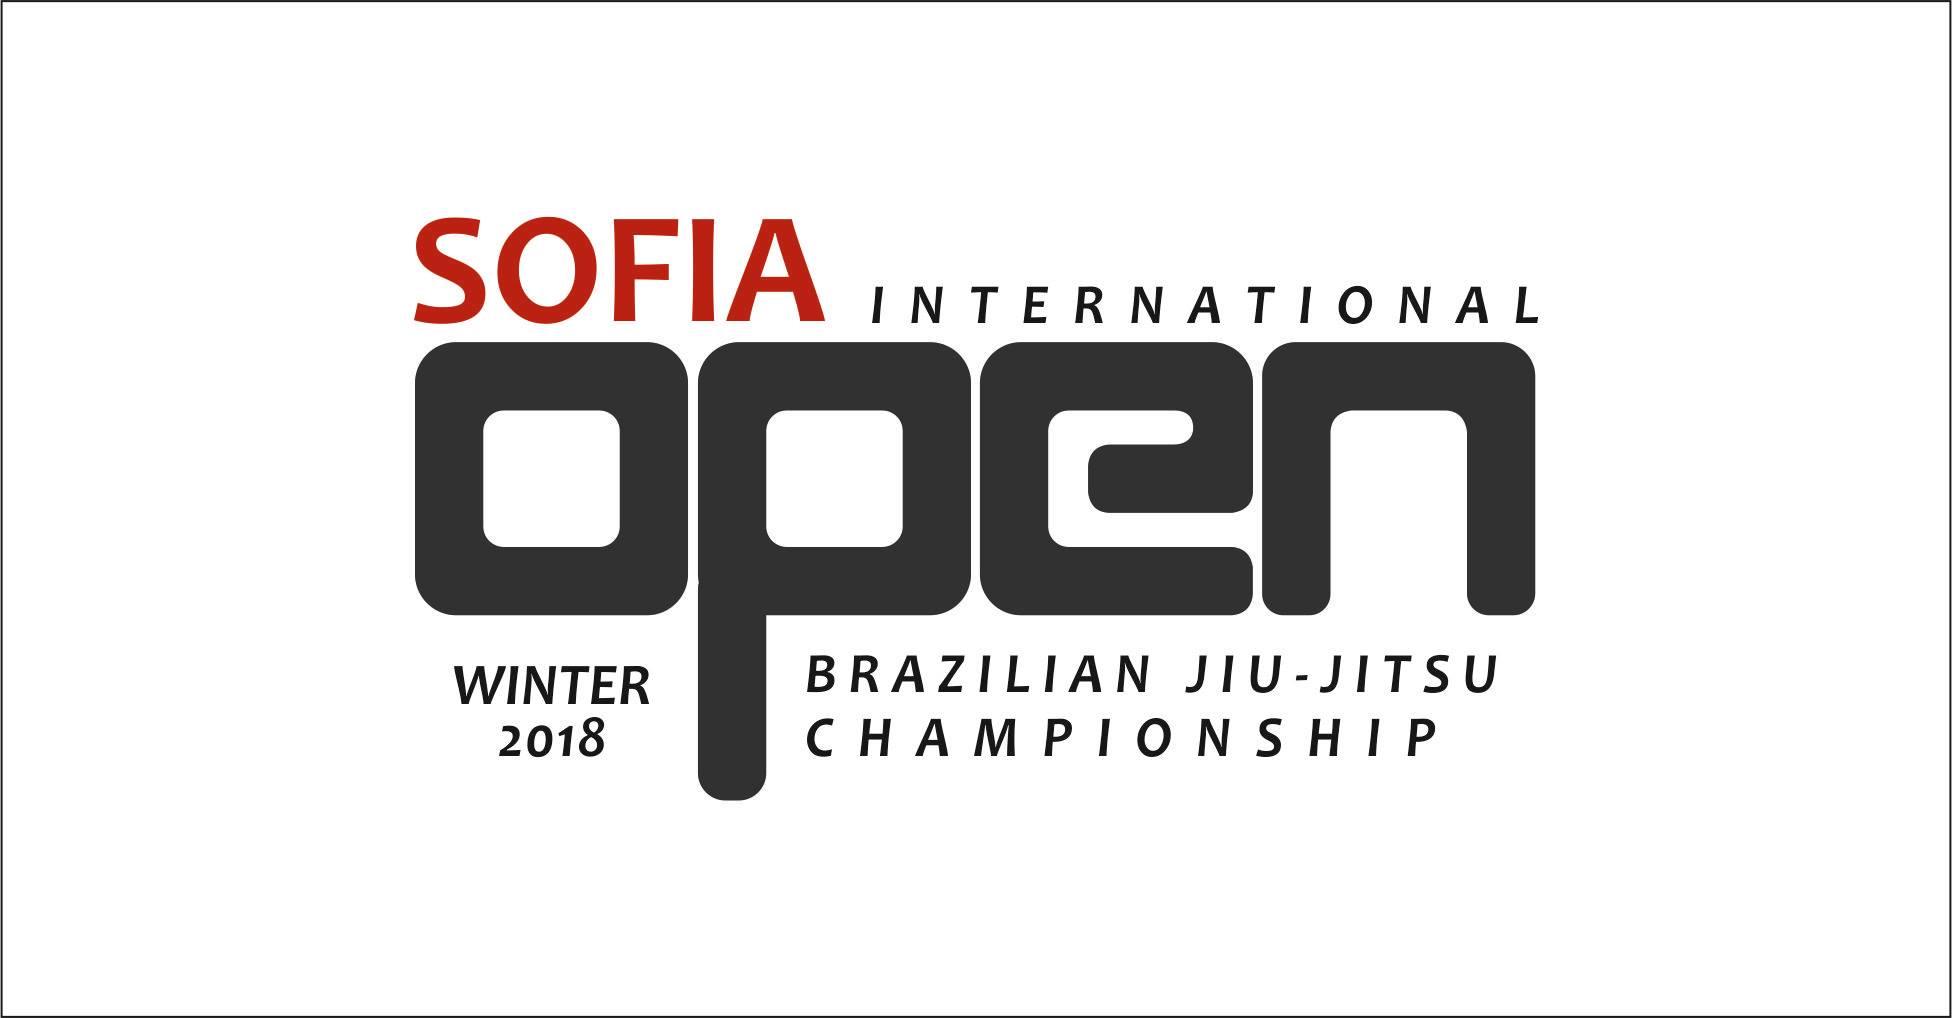 Отворено състезание по бразилско жиу-житсу на 25-ти ноември в София